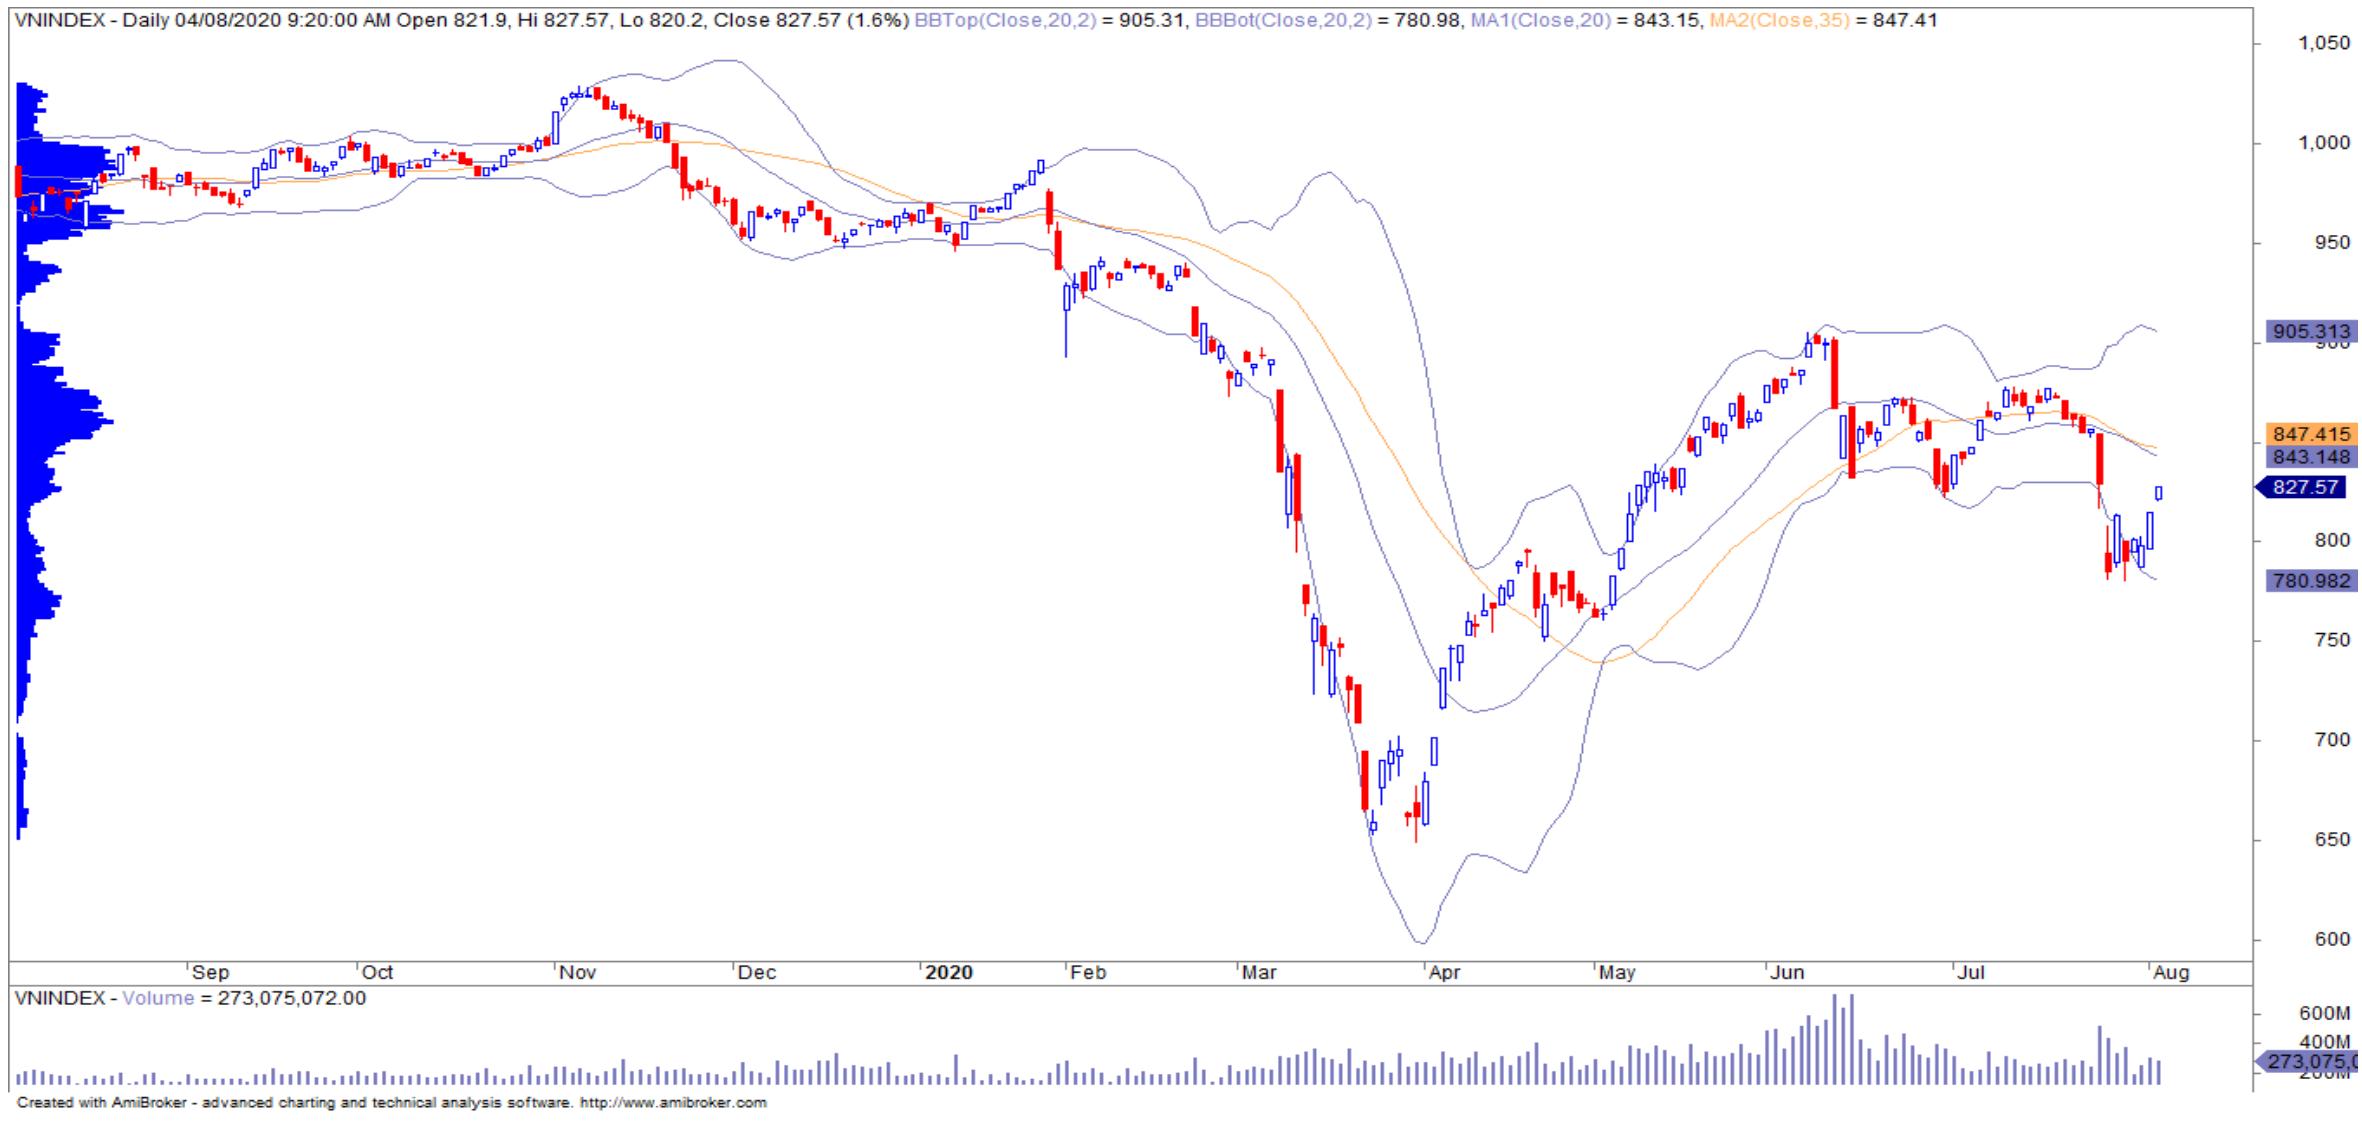 Nhận định thị trường chứng khoán ngày 5/8: Cơ hội trở lại vùng 840 điểm, NĐT thận trọng khi thanh khoản mất hút - Ảnh 1.